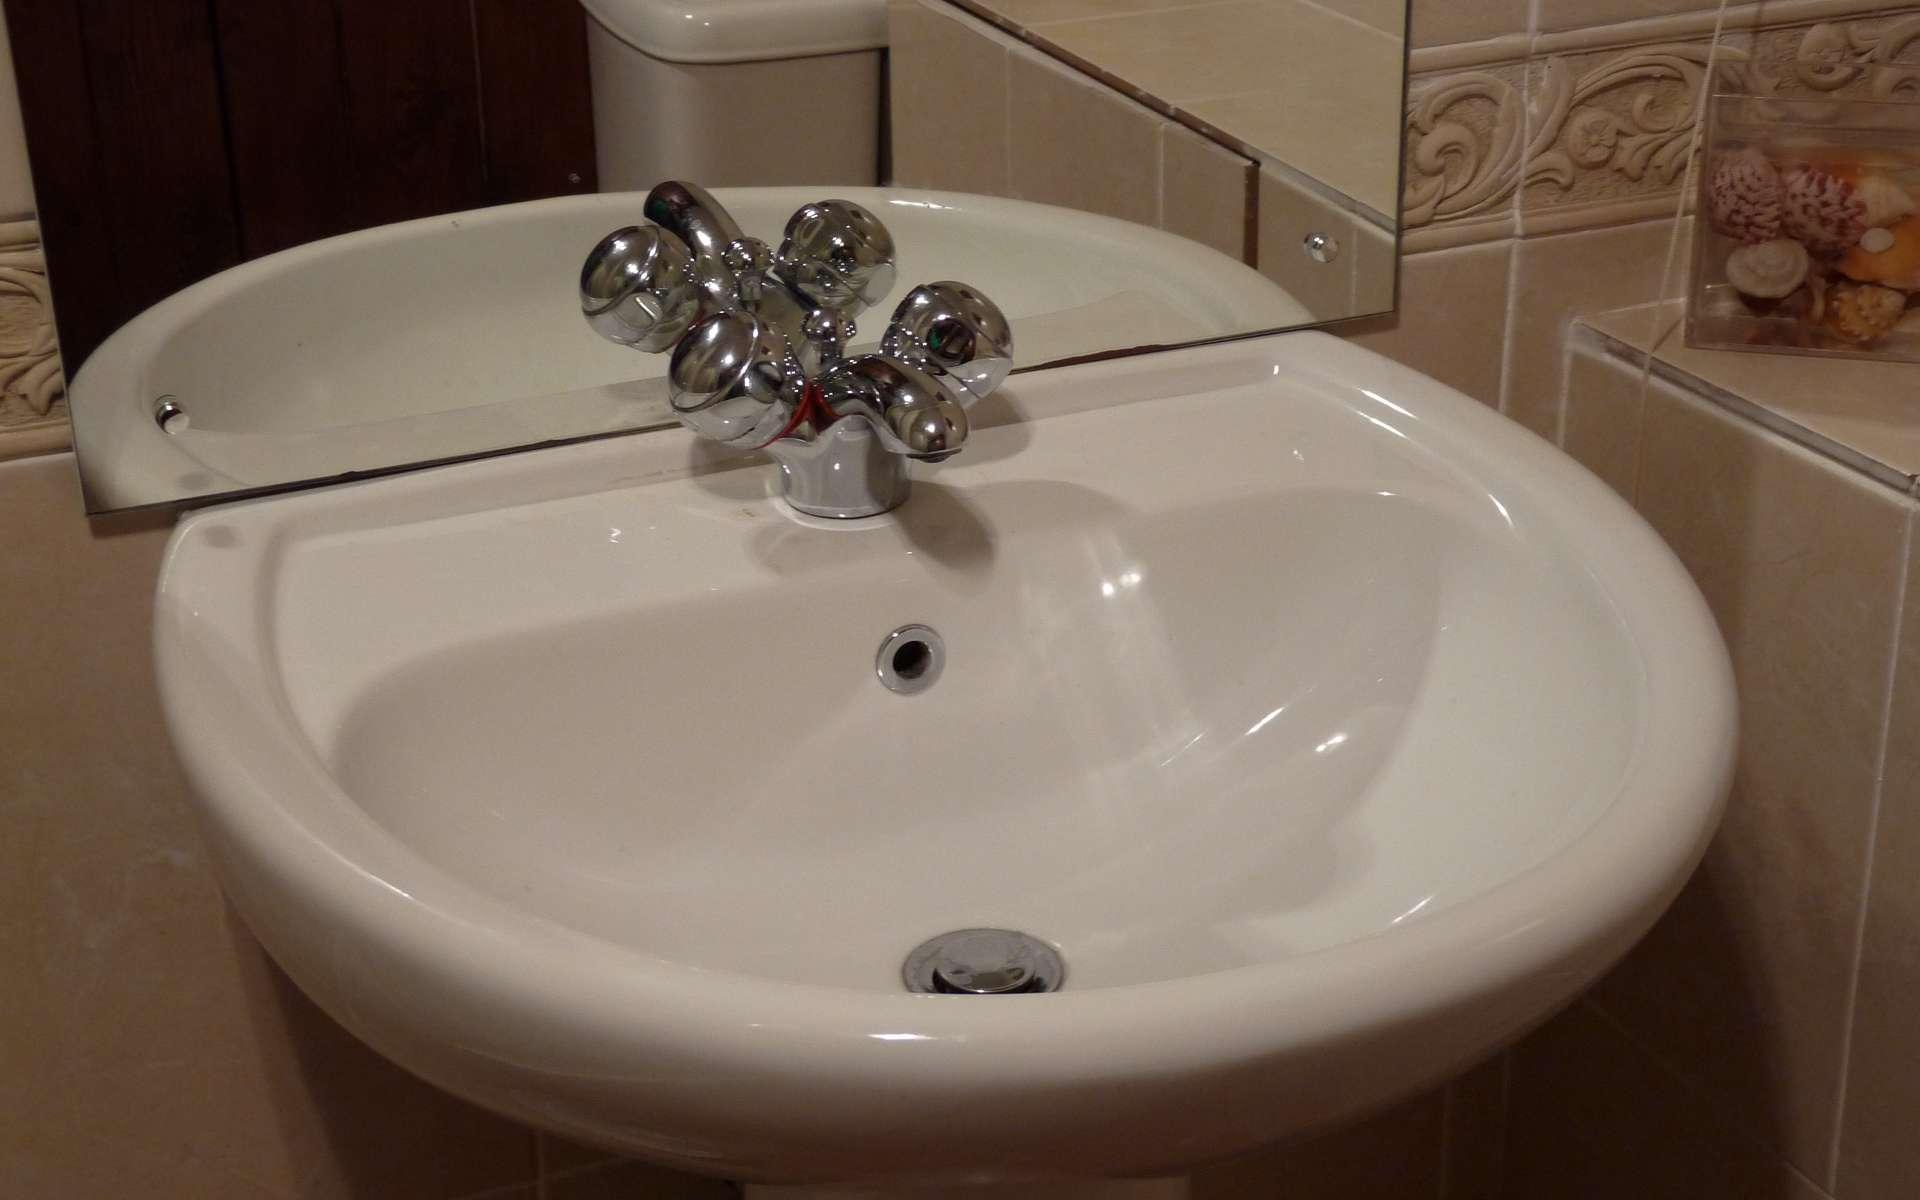 Le mélangeur est un robinet à deux soupapes mais une seule sortie d'eau. © Chris McKenna, Domaine public, Wikimedia Commons